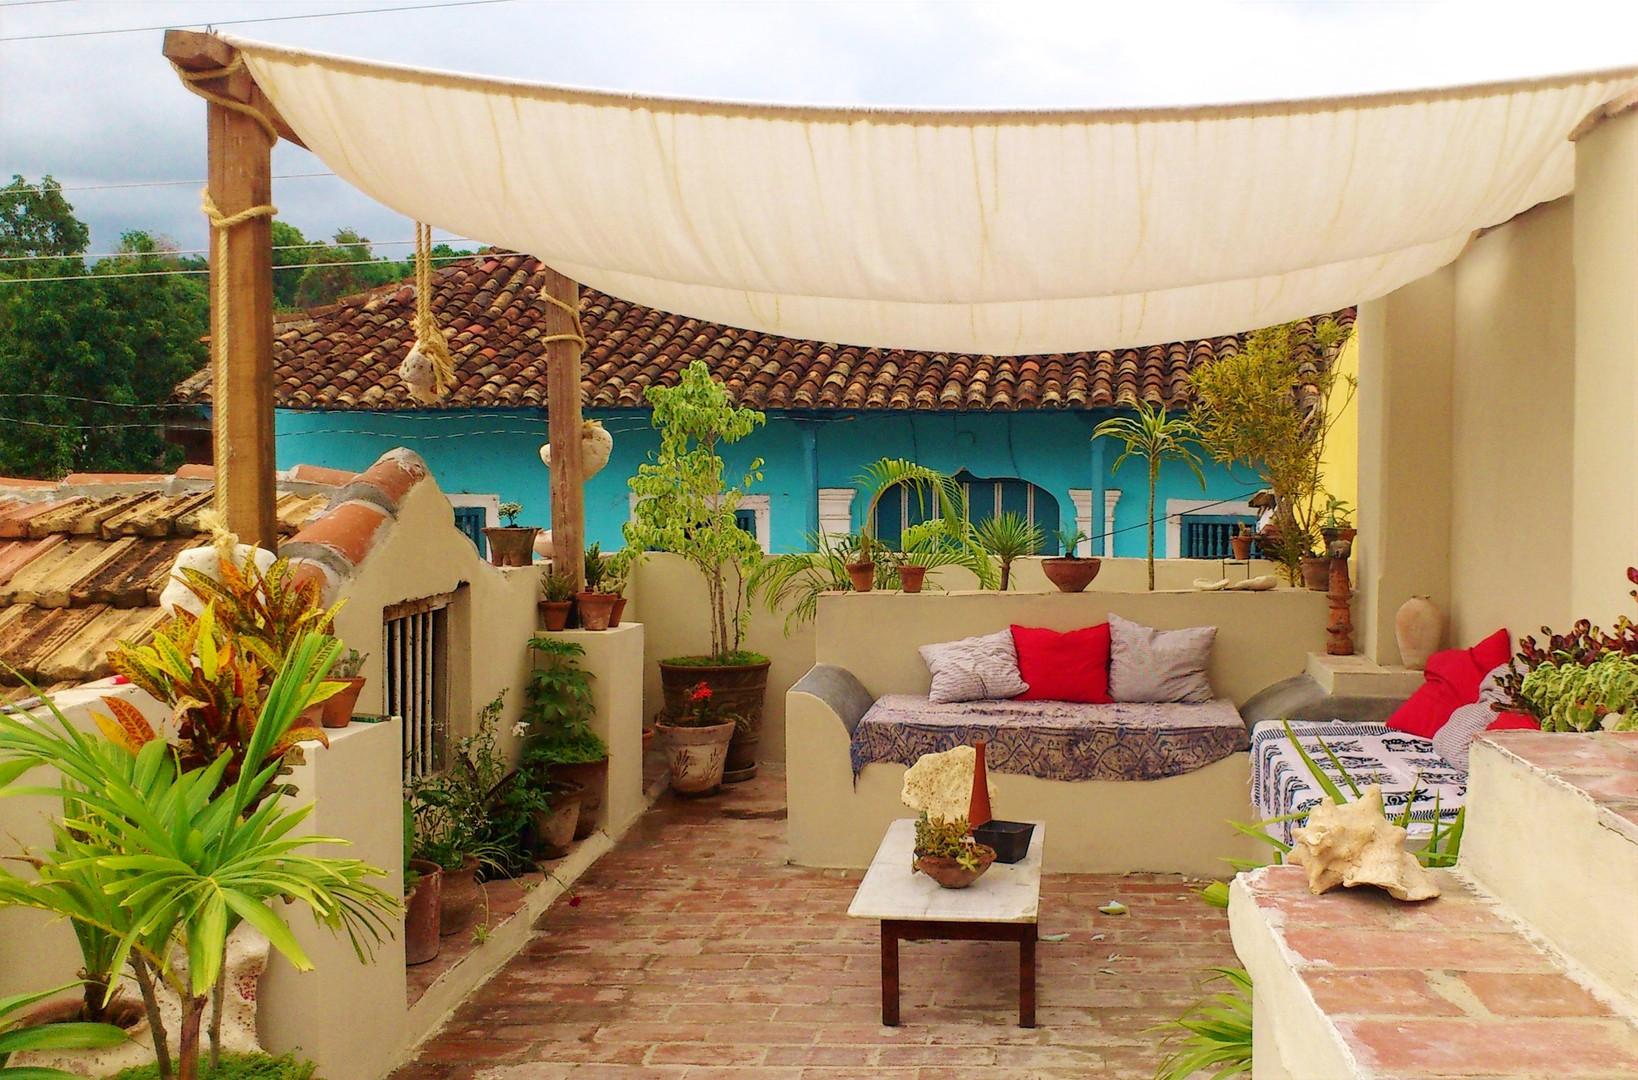 Casa Particular_edited.jpg